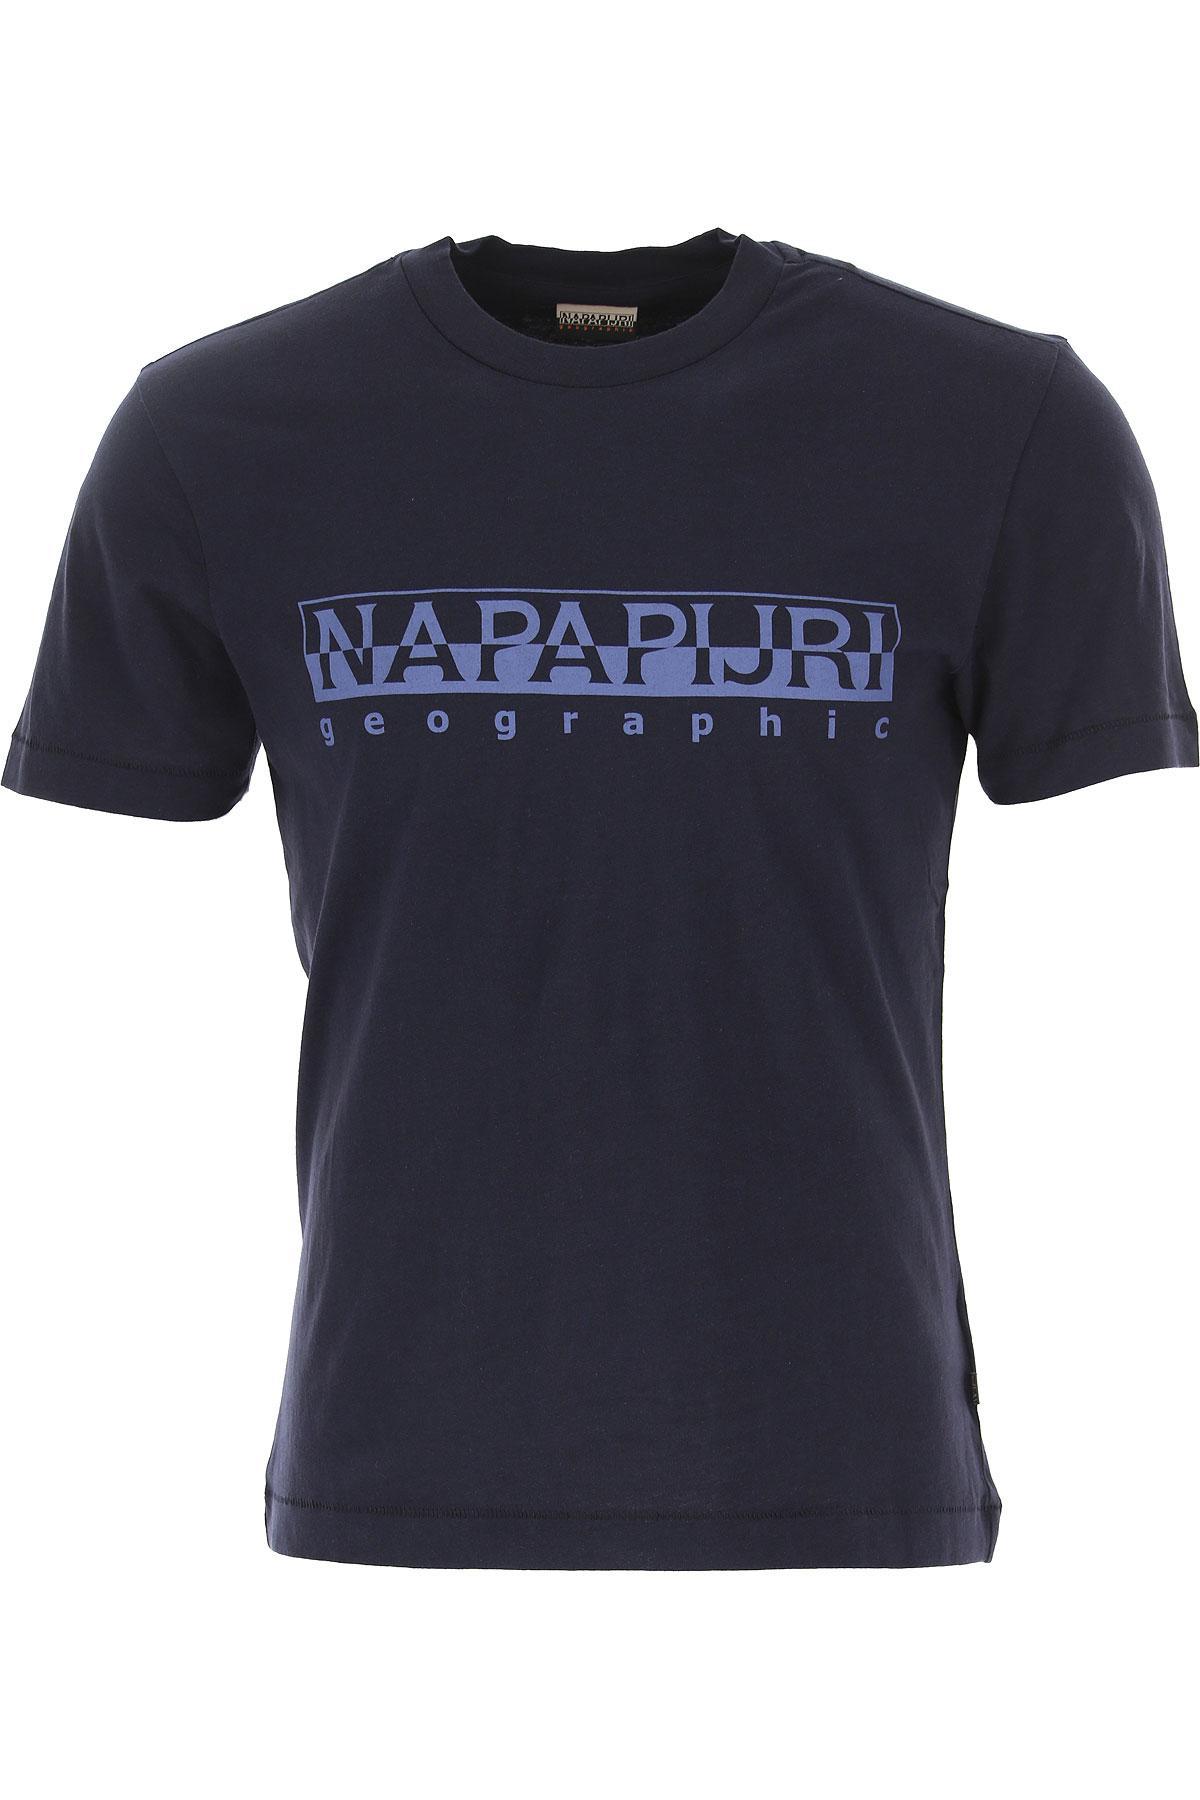 Napapijri T-Shirt for Men On Sale in Outlet, Navy Blue, Cotton, 2019, M XL